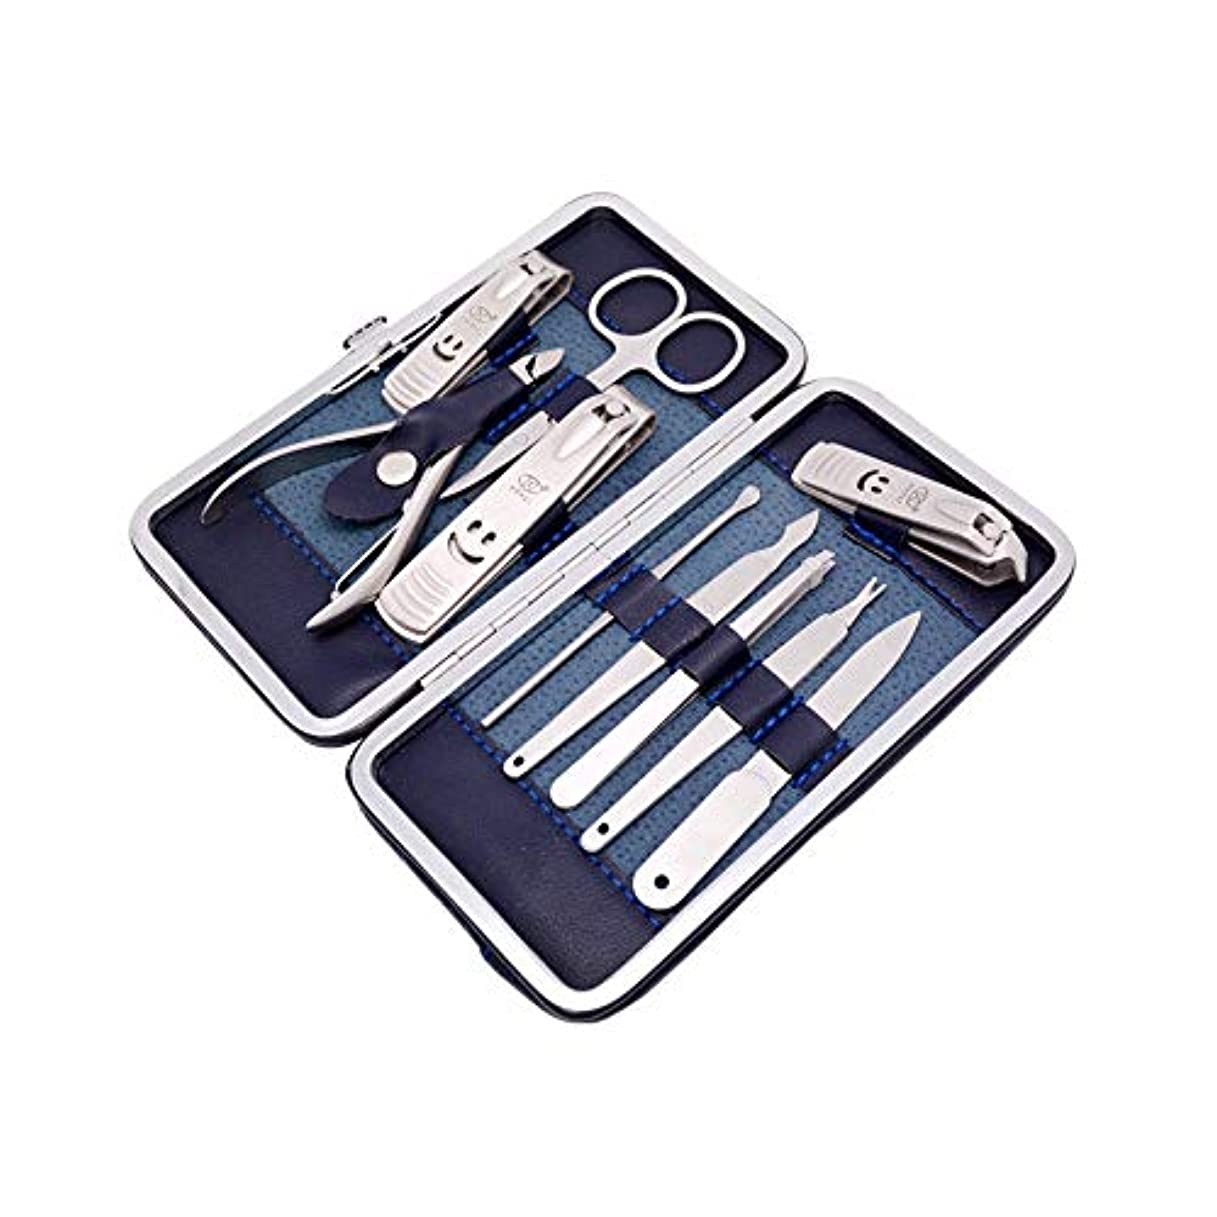 高原移住する未使用マニキュアセット ステンレススチールネイルクリッパーはさみネイルマニキュア美容ツール10個のギフトセット トラベル&グルーミングキット